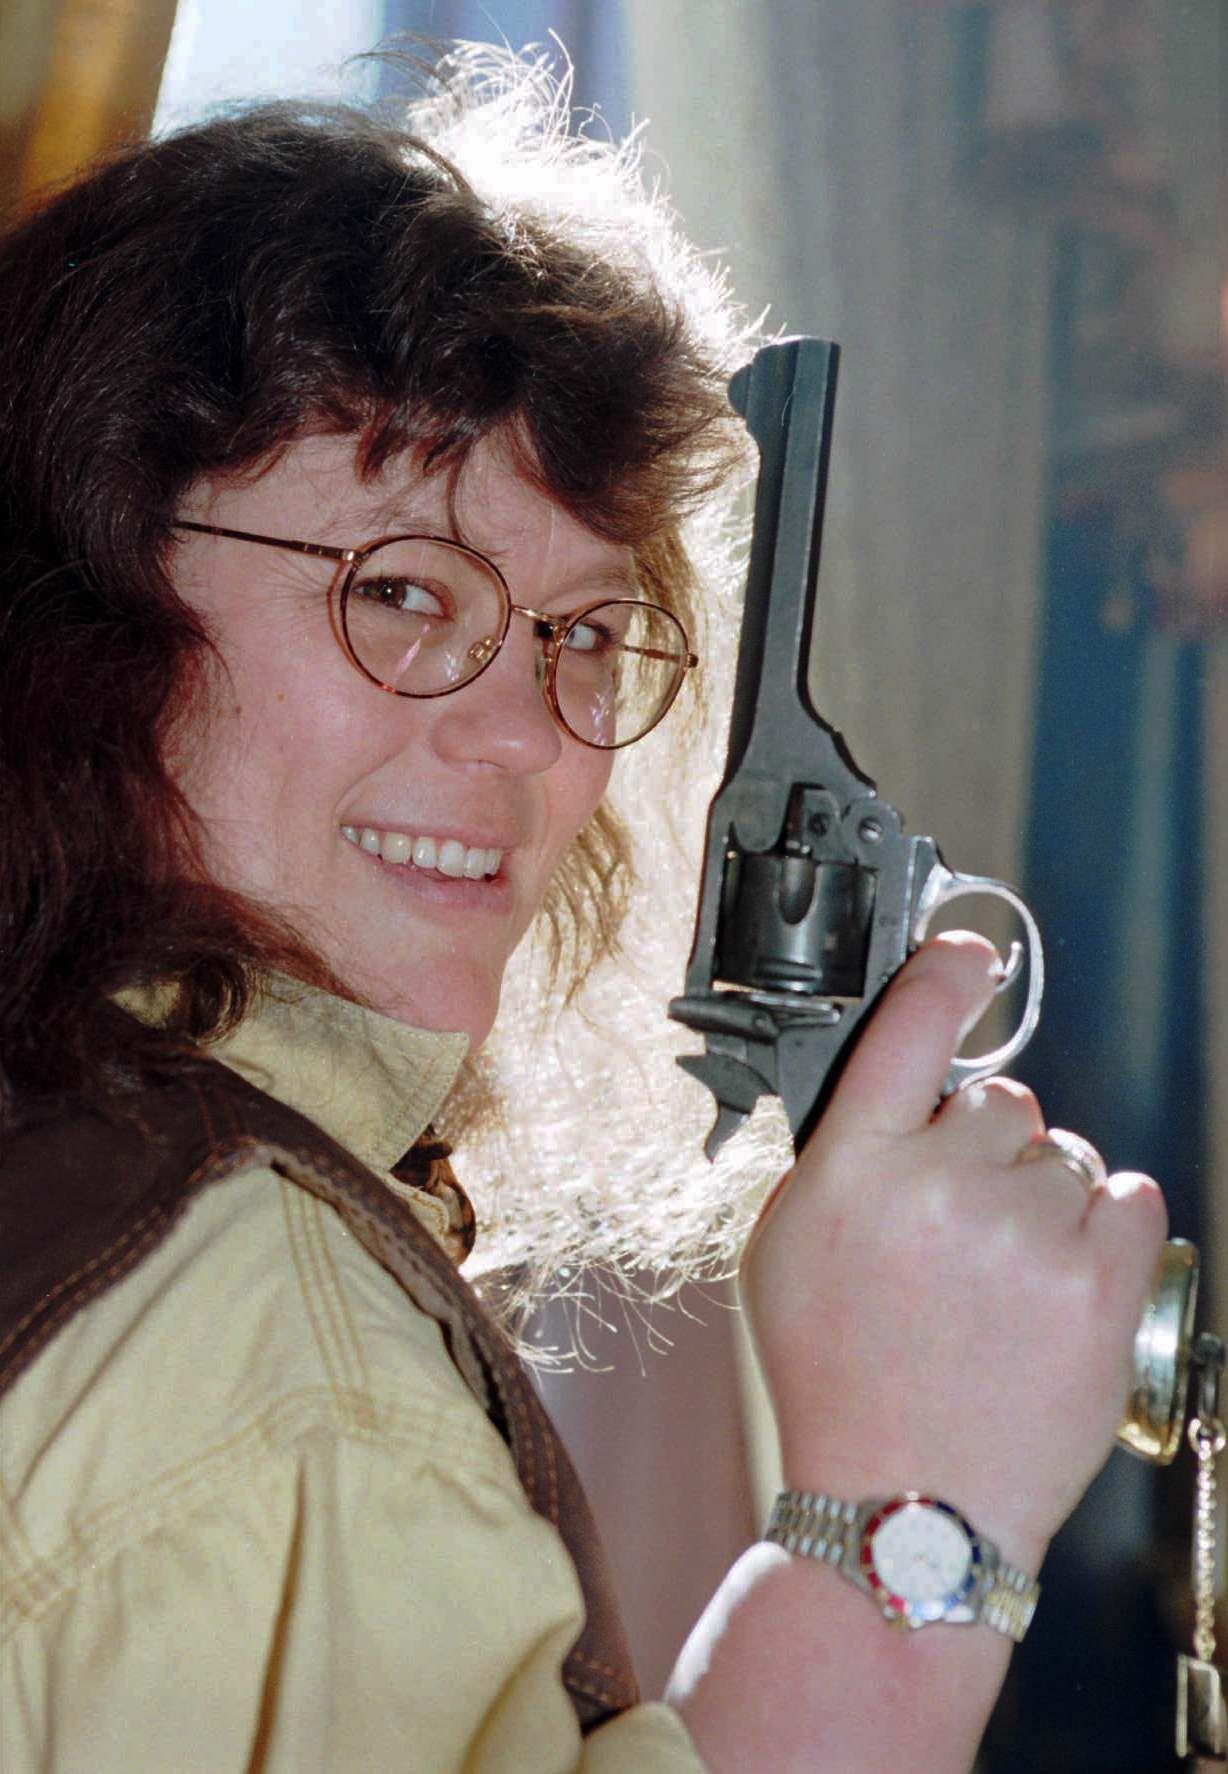 RIVERTONVINNER: Anne Holt debuterte i 1993 med «Blind Gudinne» - og hun vant Rivertonprisen 1994 for andreboken «Salige er de som tørster».